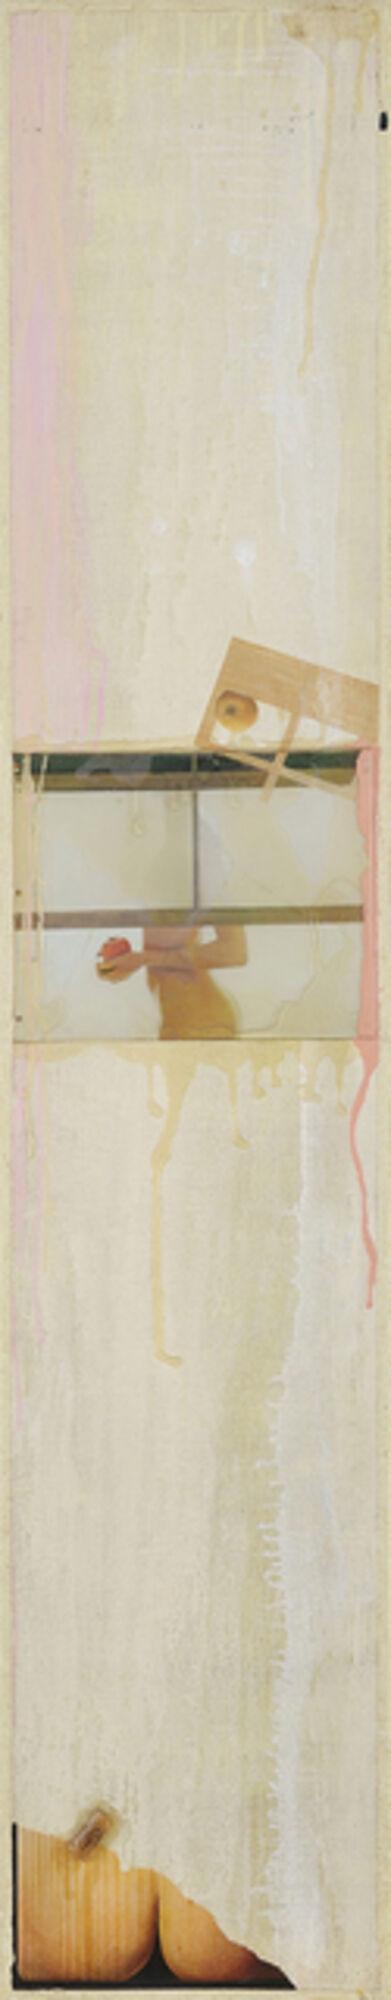 Elwyn Lynn, 'Appeal', 1974